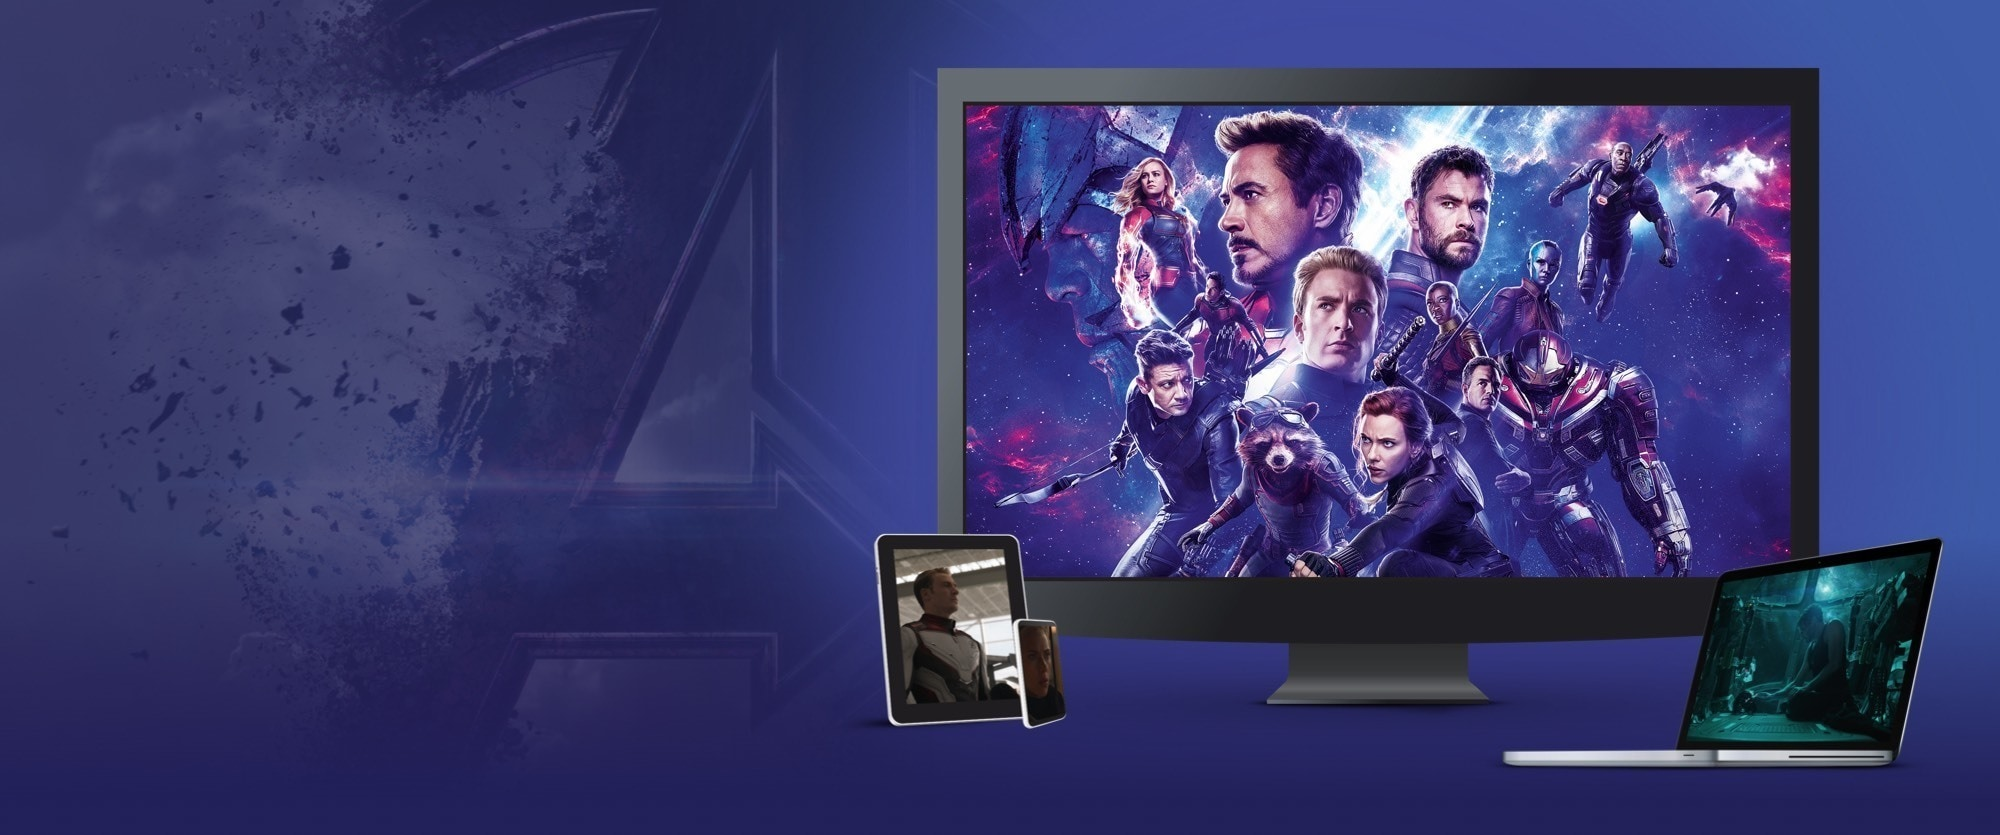 Avengers Endgame | Home Ents Digital